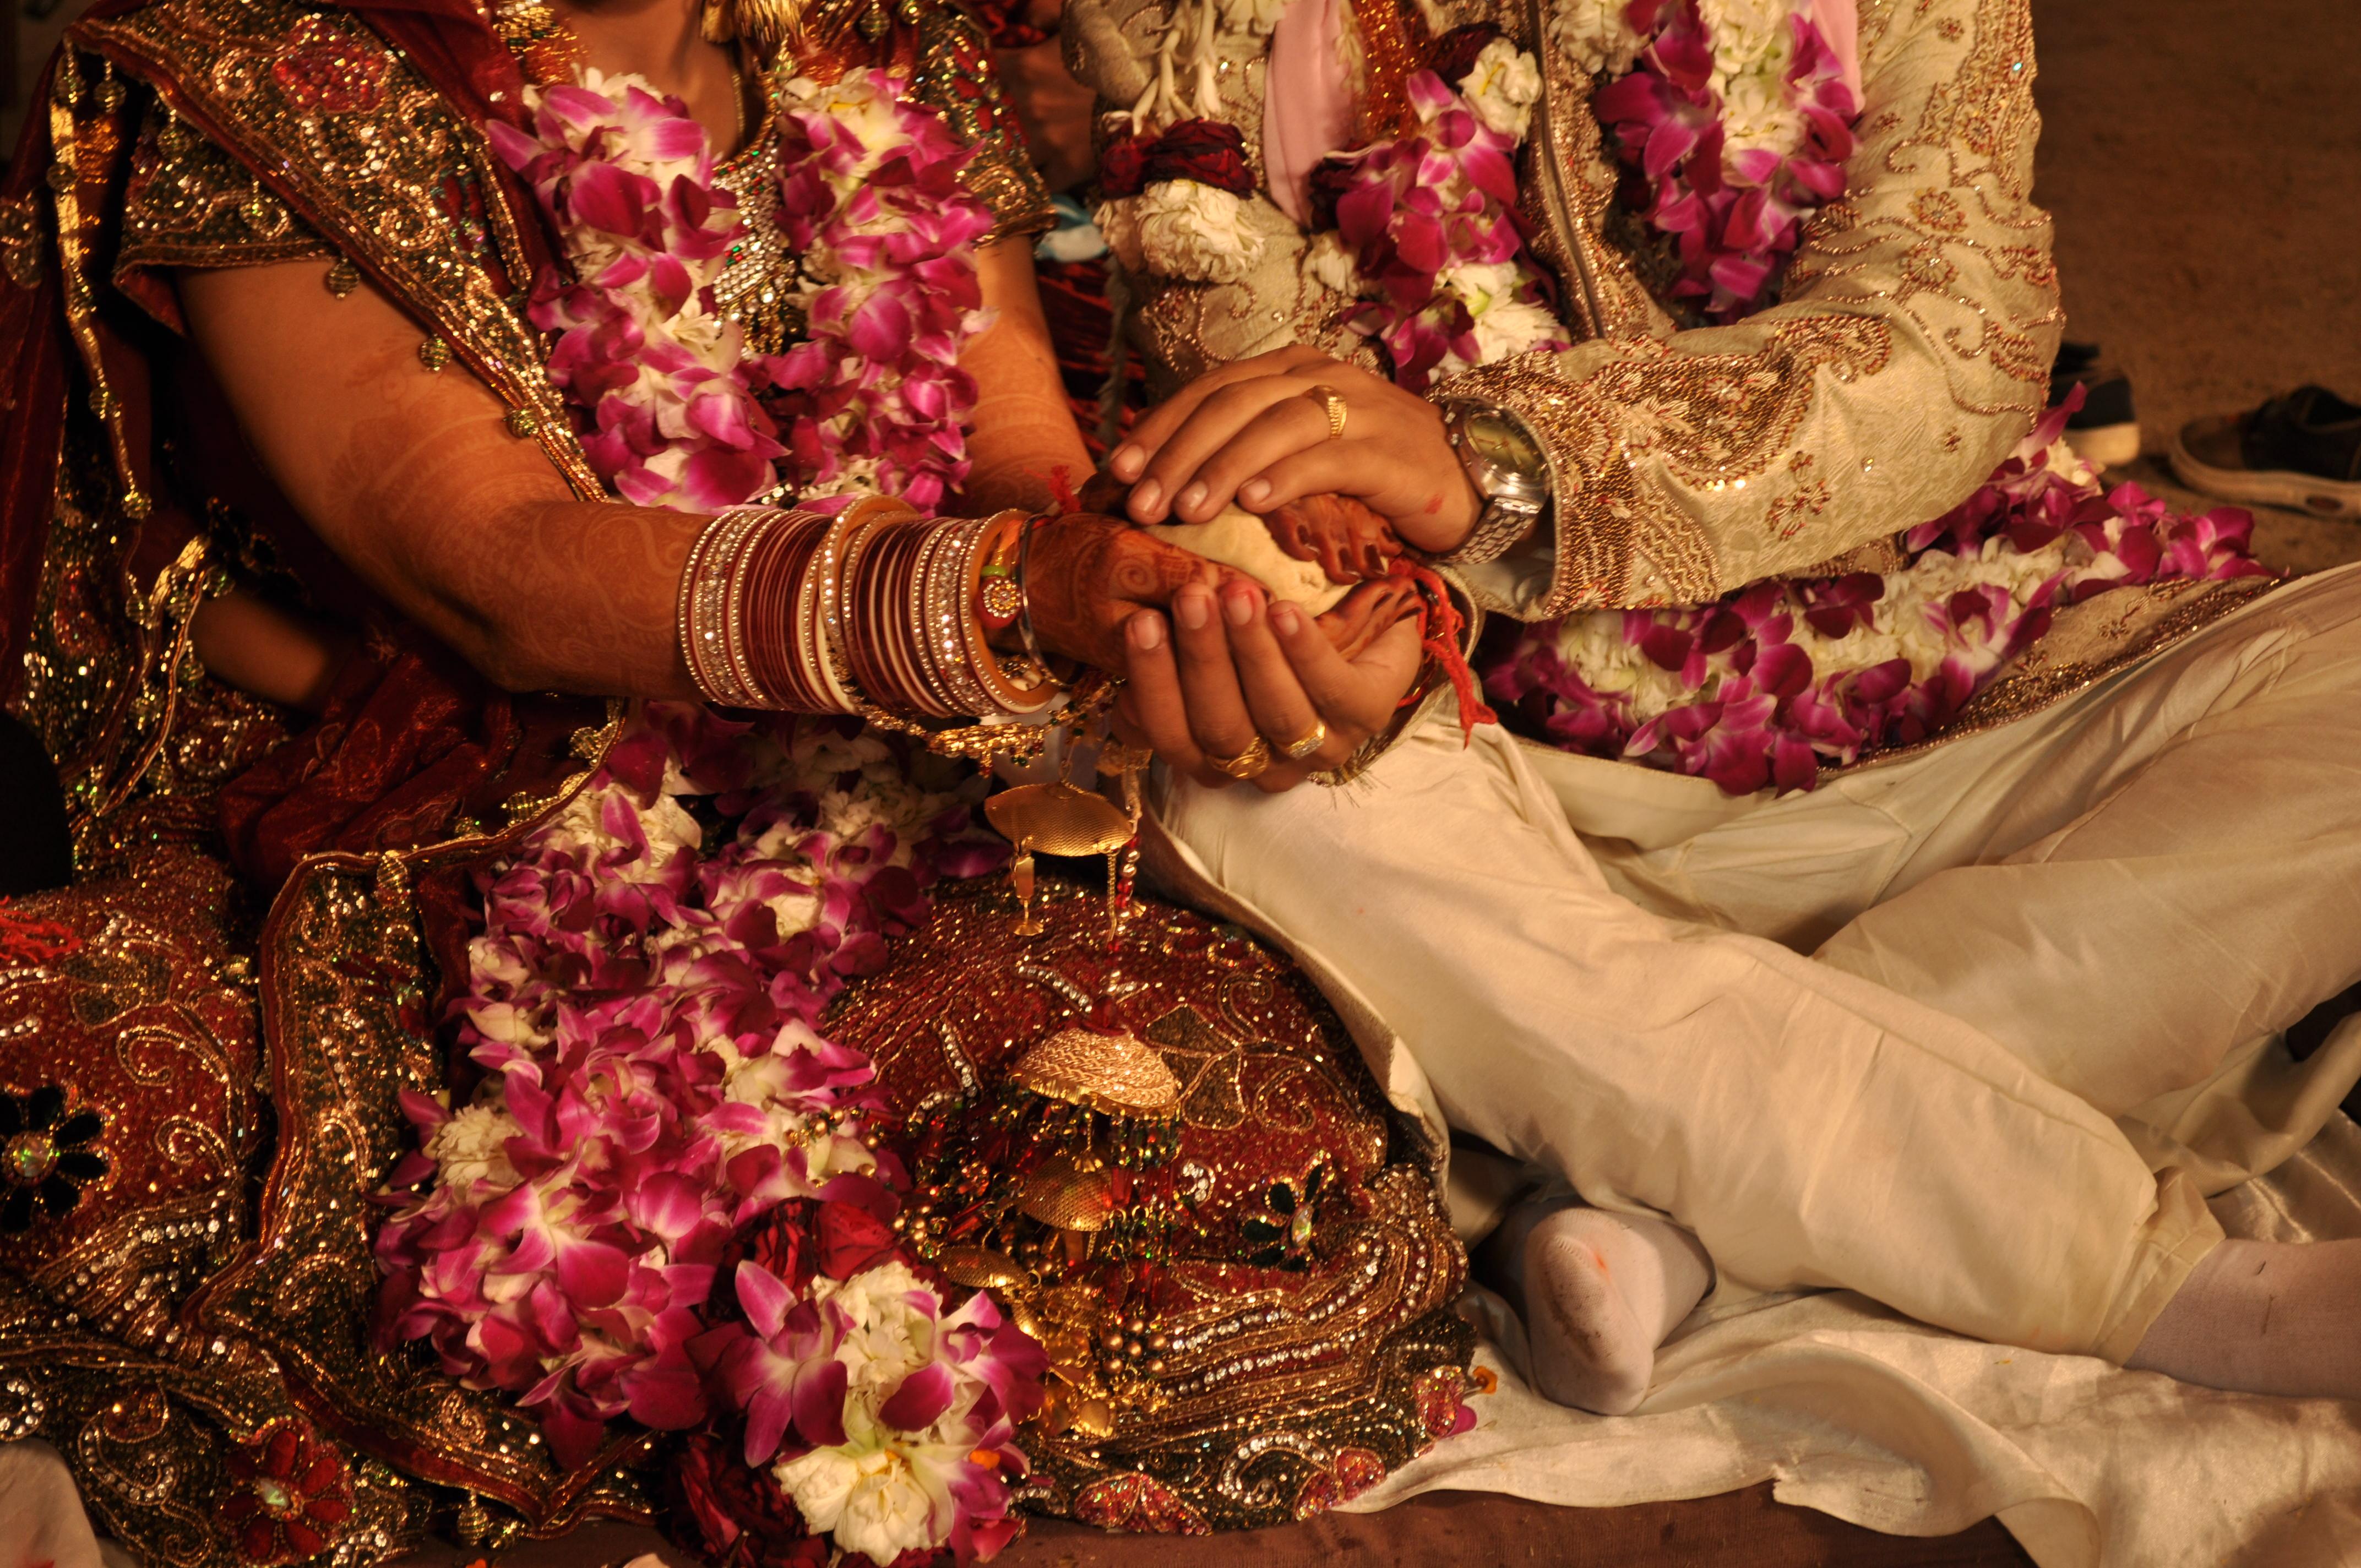 विवाह जुळविताना कुंडली गुणमेलन का आवश्यक असते?